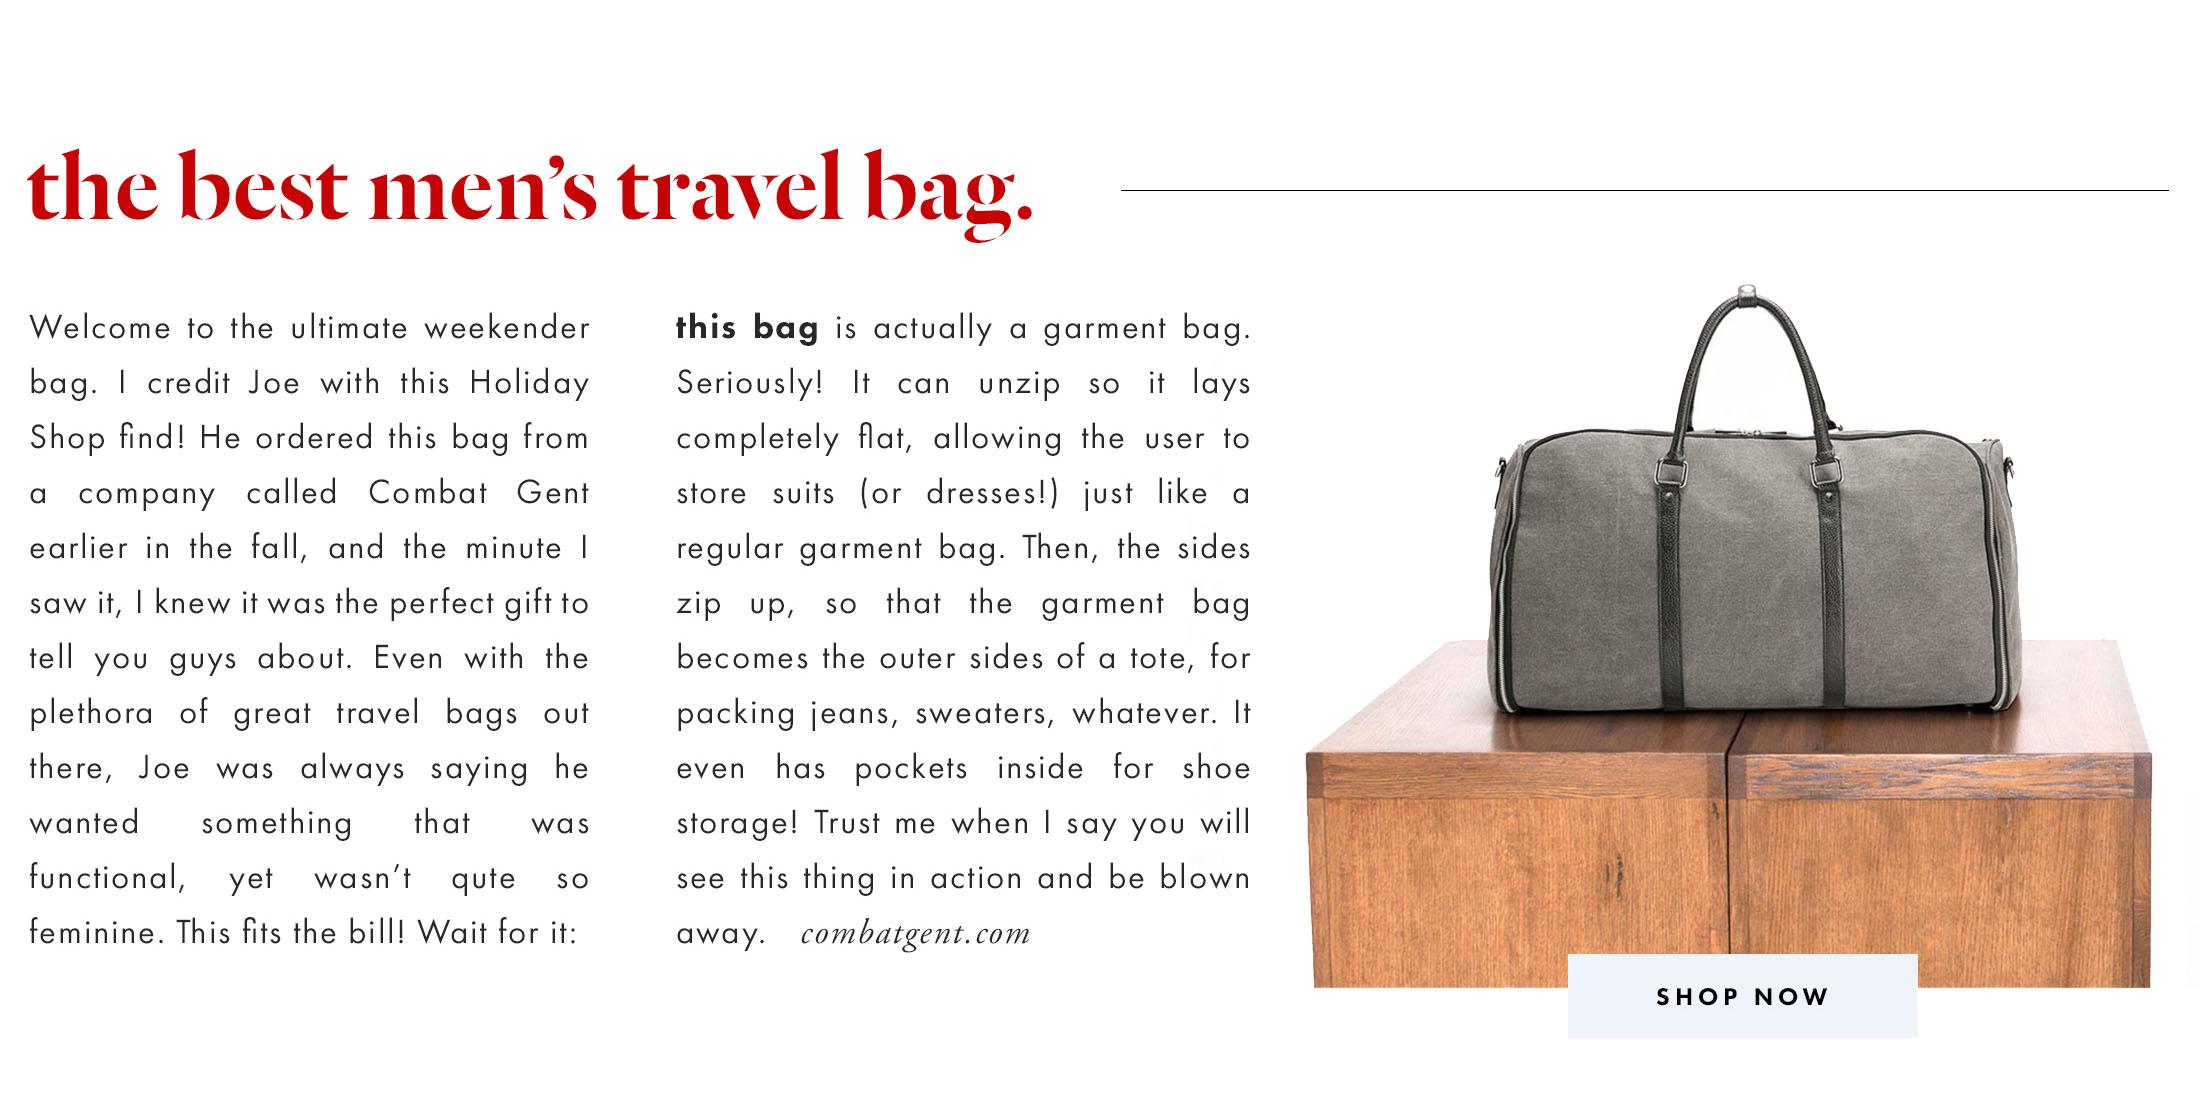 combat-gent-travel-bag